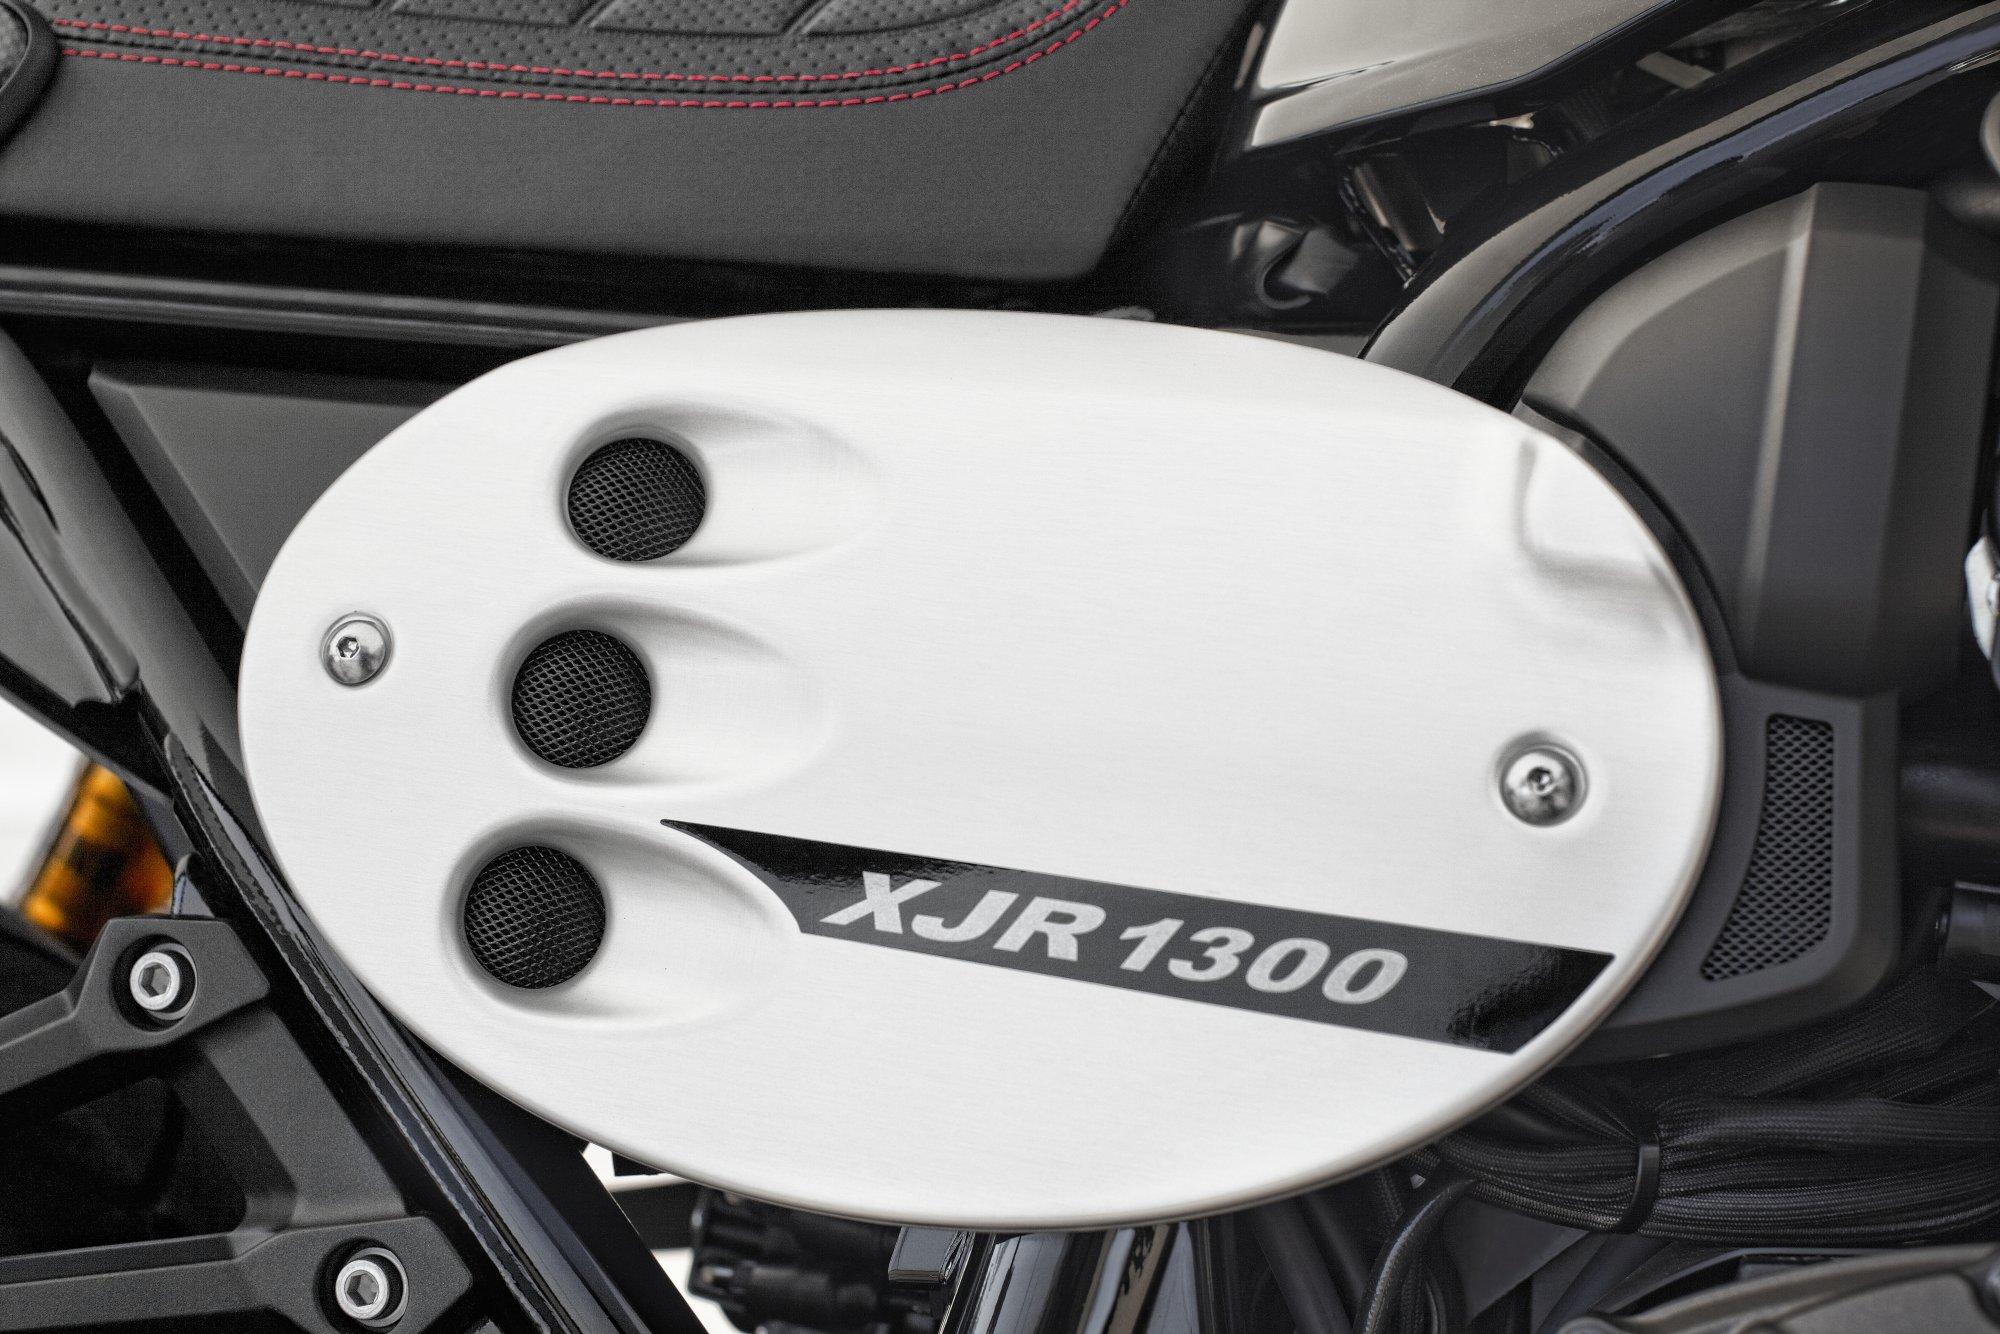 gebrauchte und neue yamaha xjr 1300 racer motorr der kaufen. Black Bedroom Furniture Sets. Home Design Ideas